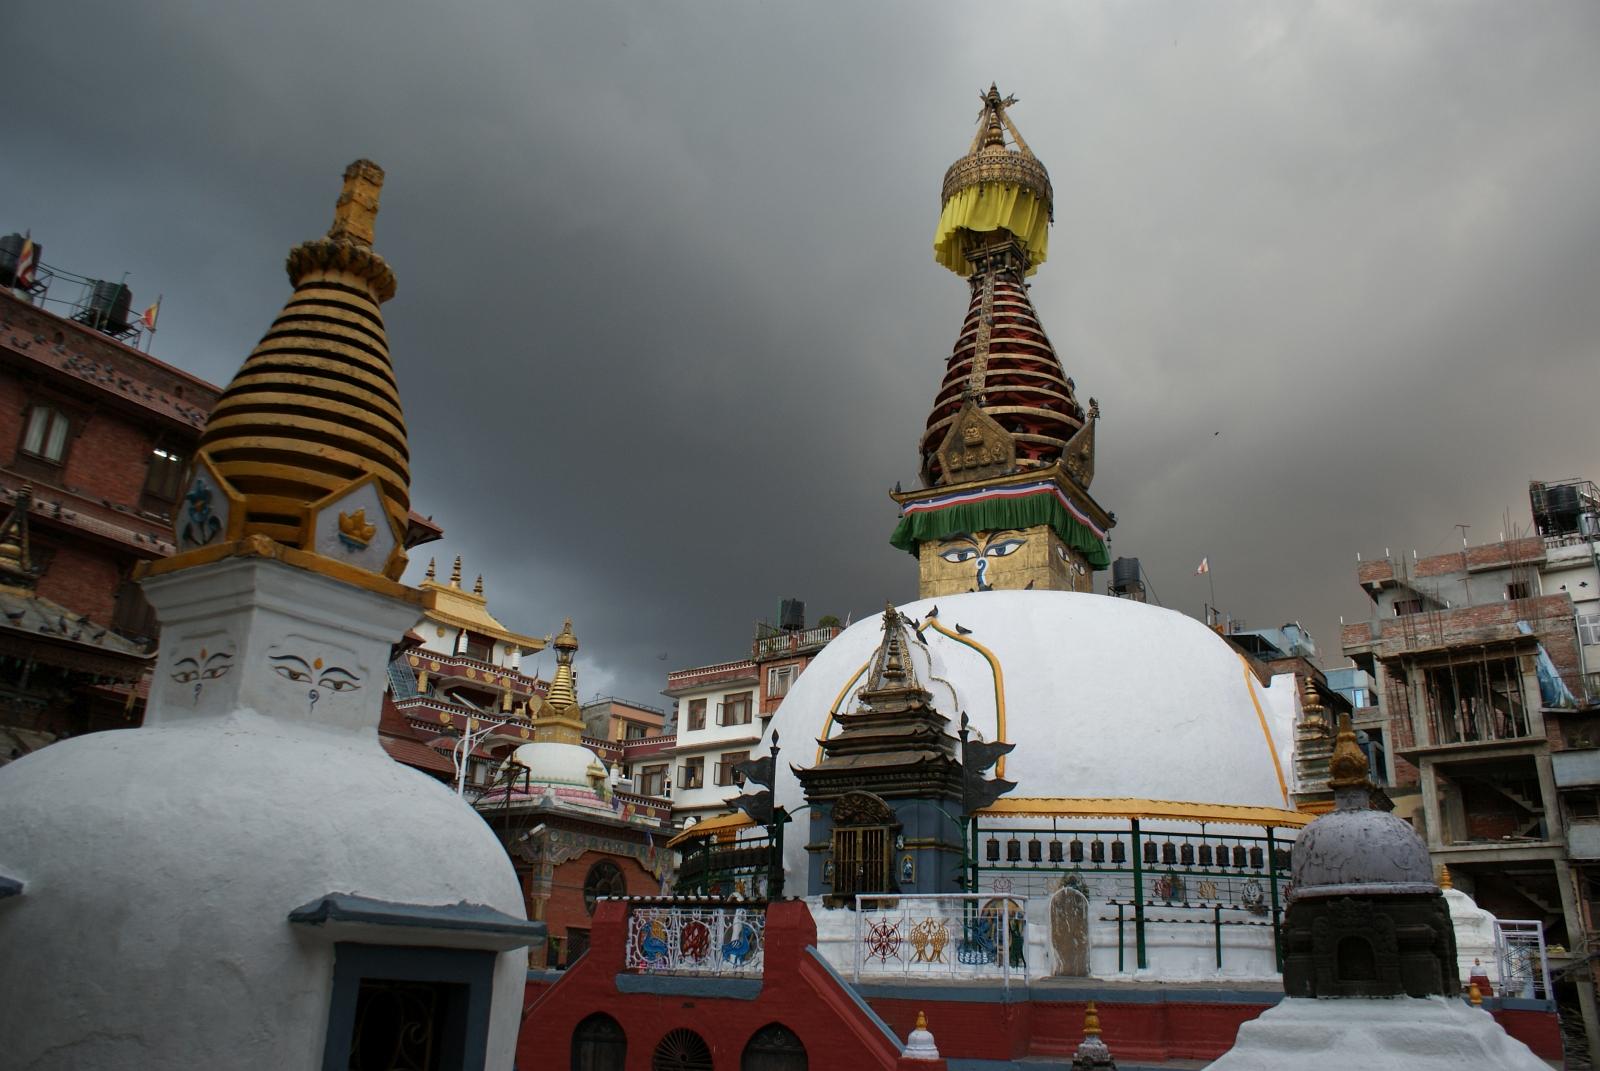 01.10.2017 – 02.10.2017 Kathmandu